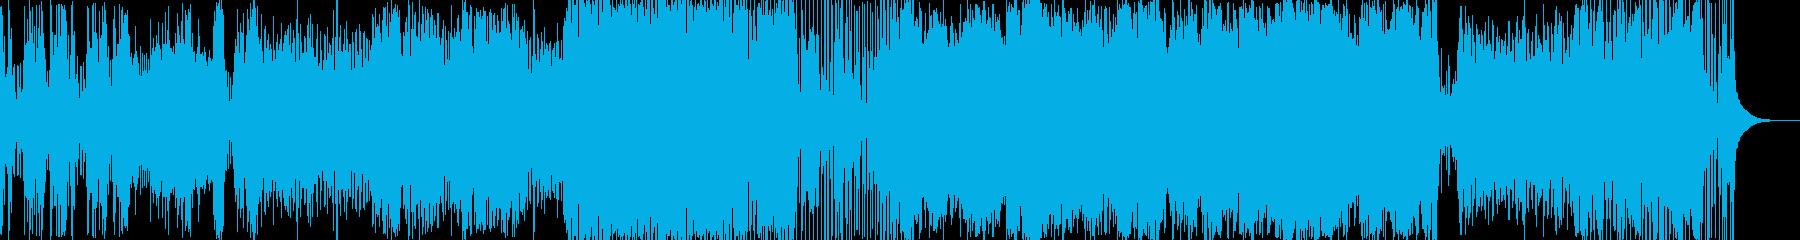 壮大な和風ロック曲の再生済みの波形